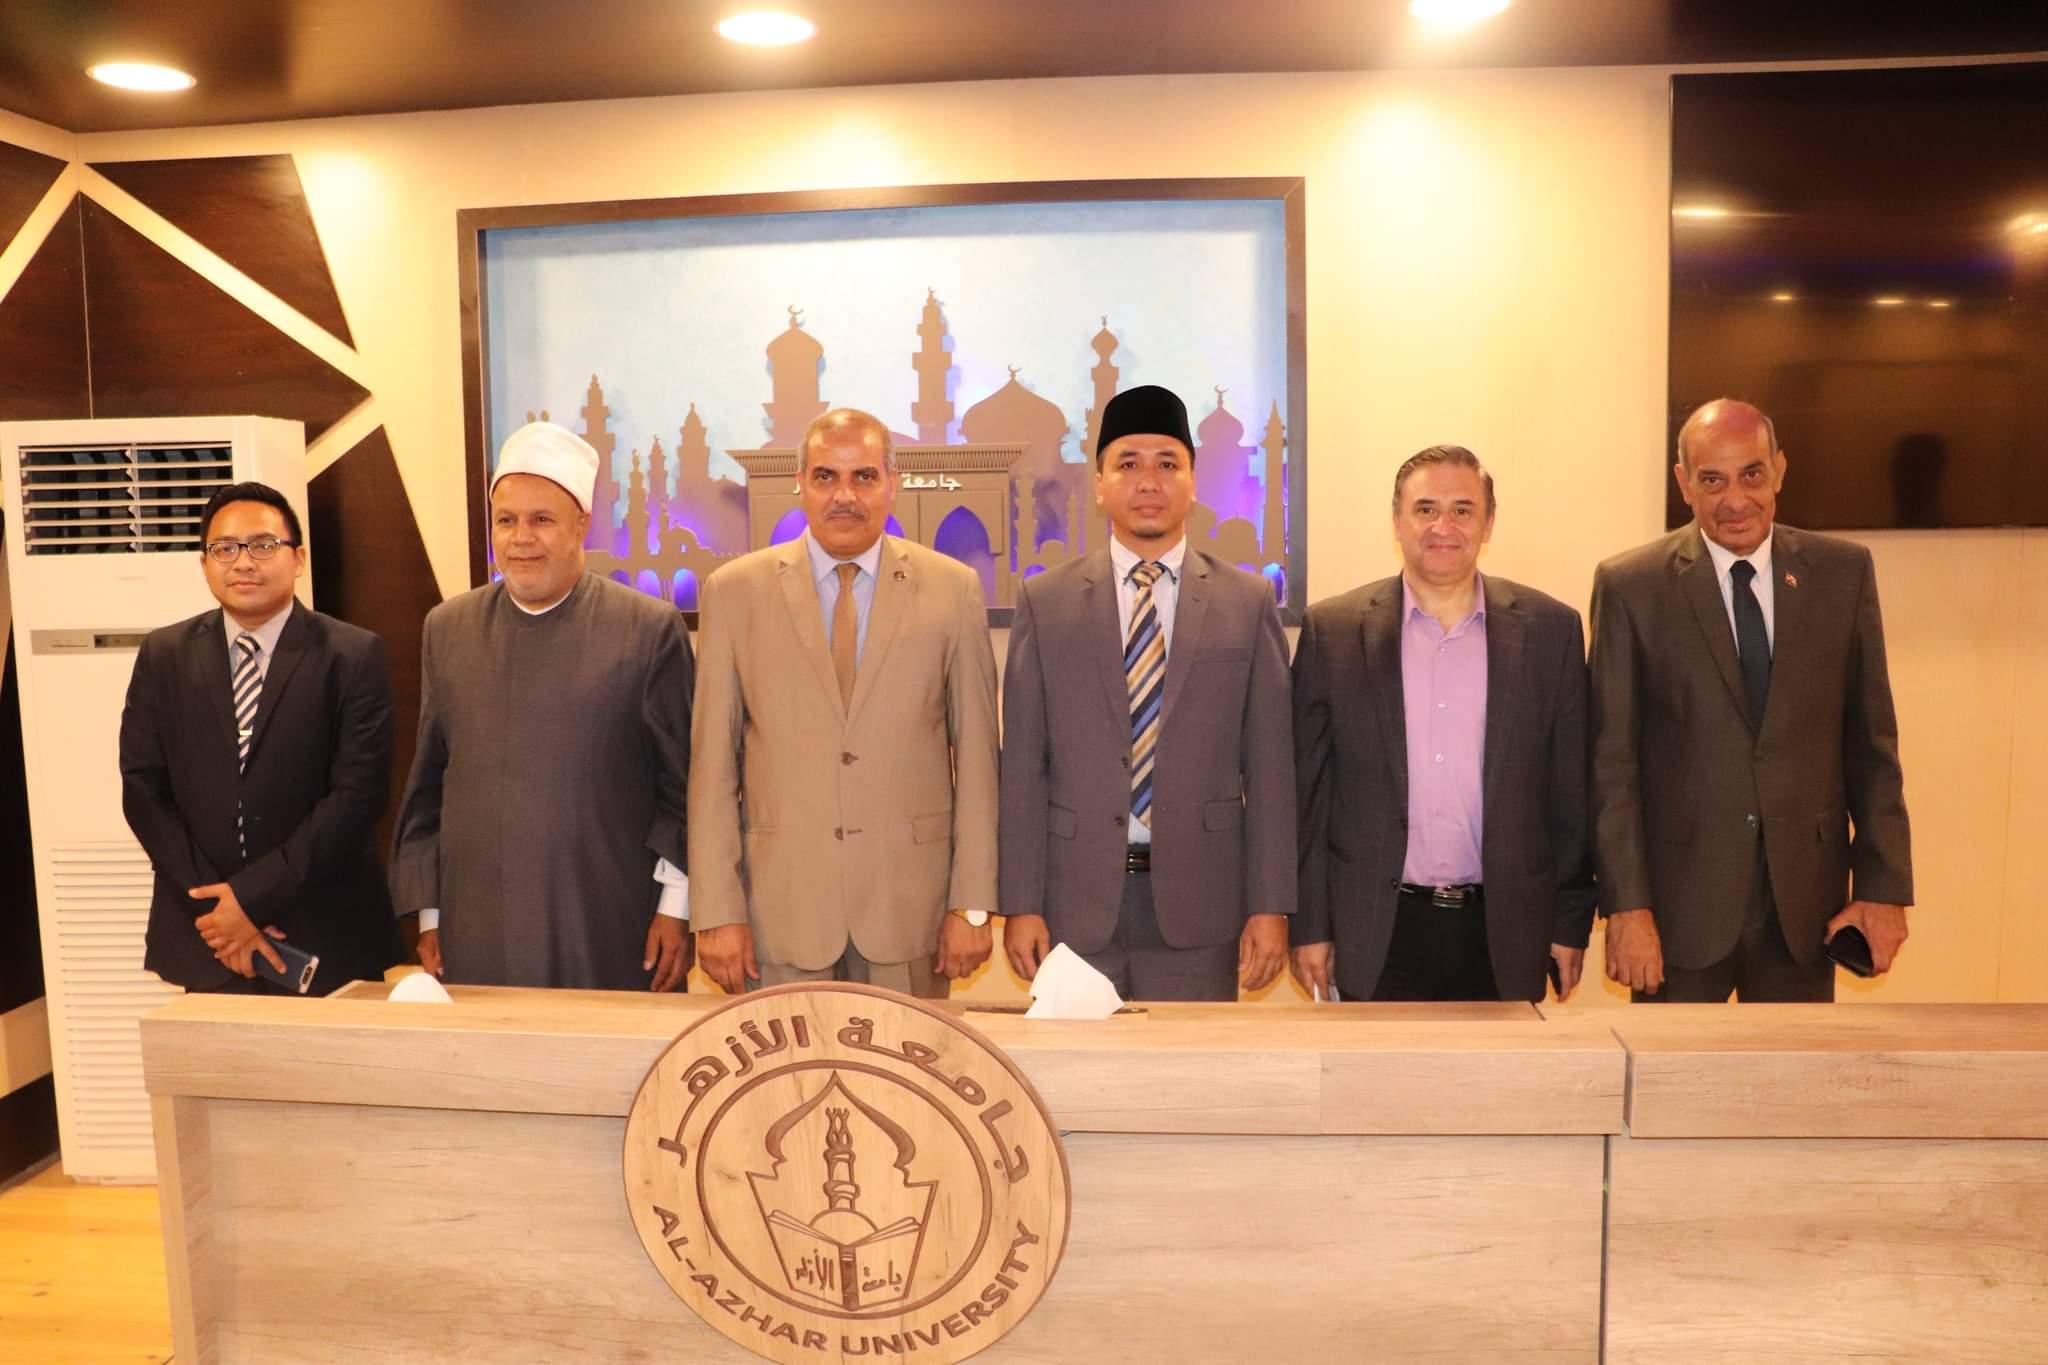 رئيس جامعة الأزهر لوفد إندونيسيا: جائحة كورونا أكدت حاجة العالم أجمع إلى وثيقة الأخوة الإنسانية